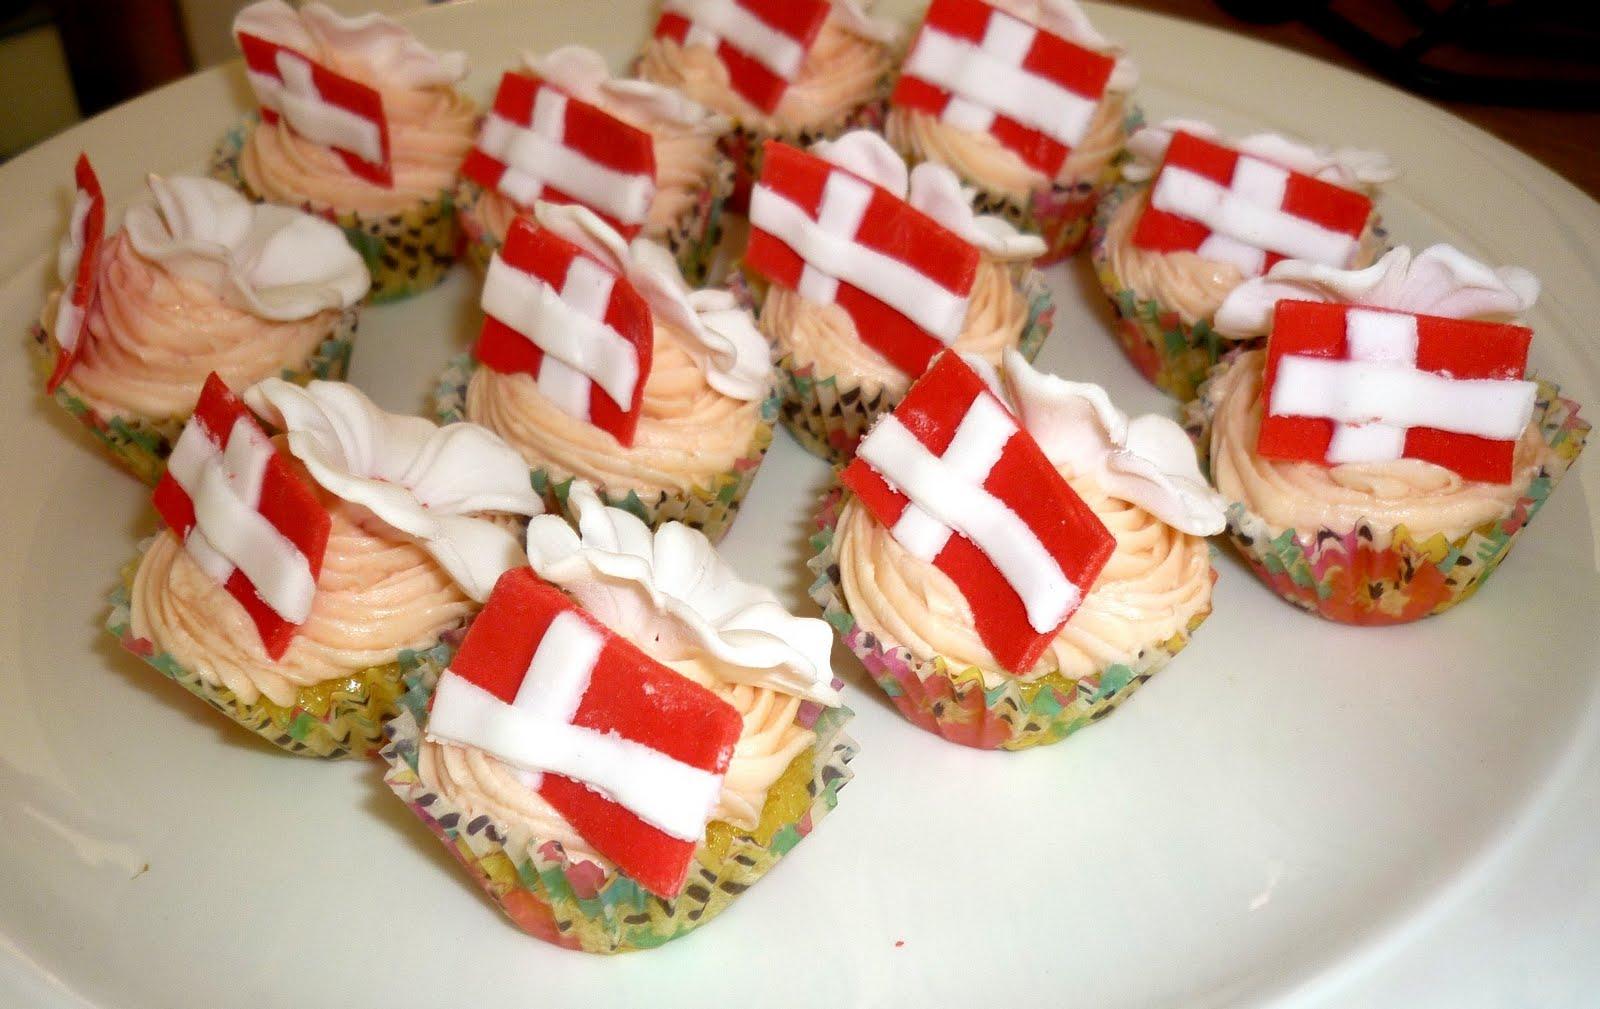 födelsedag på danska Kakbiten: Danska miniCC födelsedag på danska